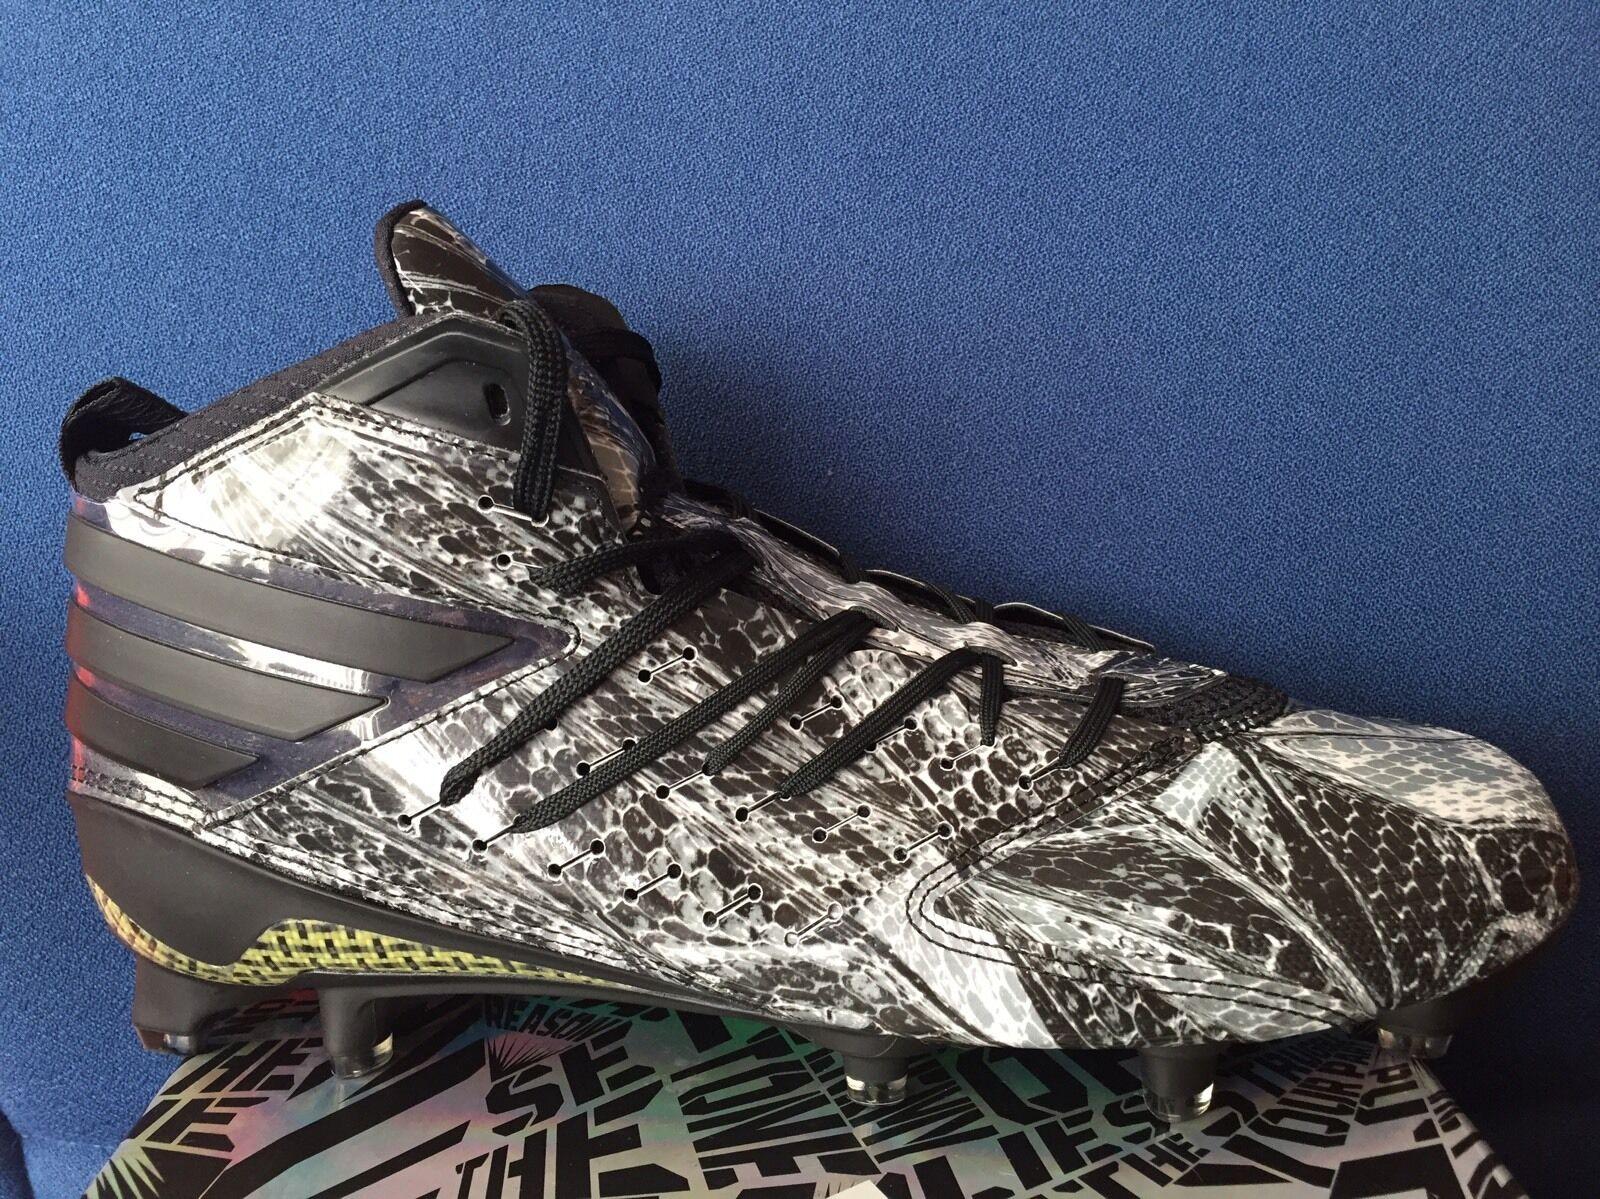 adidas freak x kevlar sz - fußball - stollen sz kevlar 8 schwarz - weiß - graue schlange aq6849 7673b4